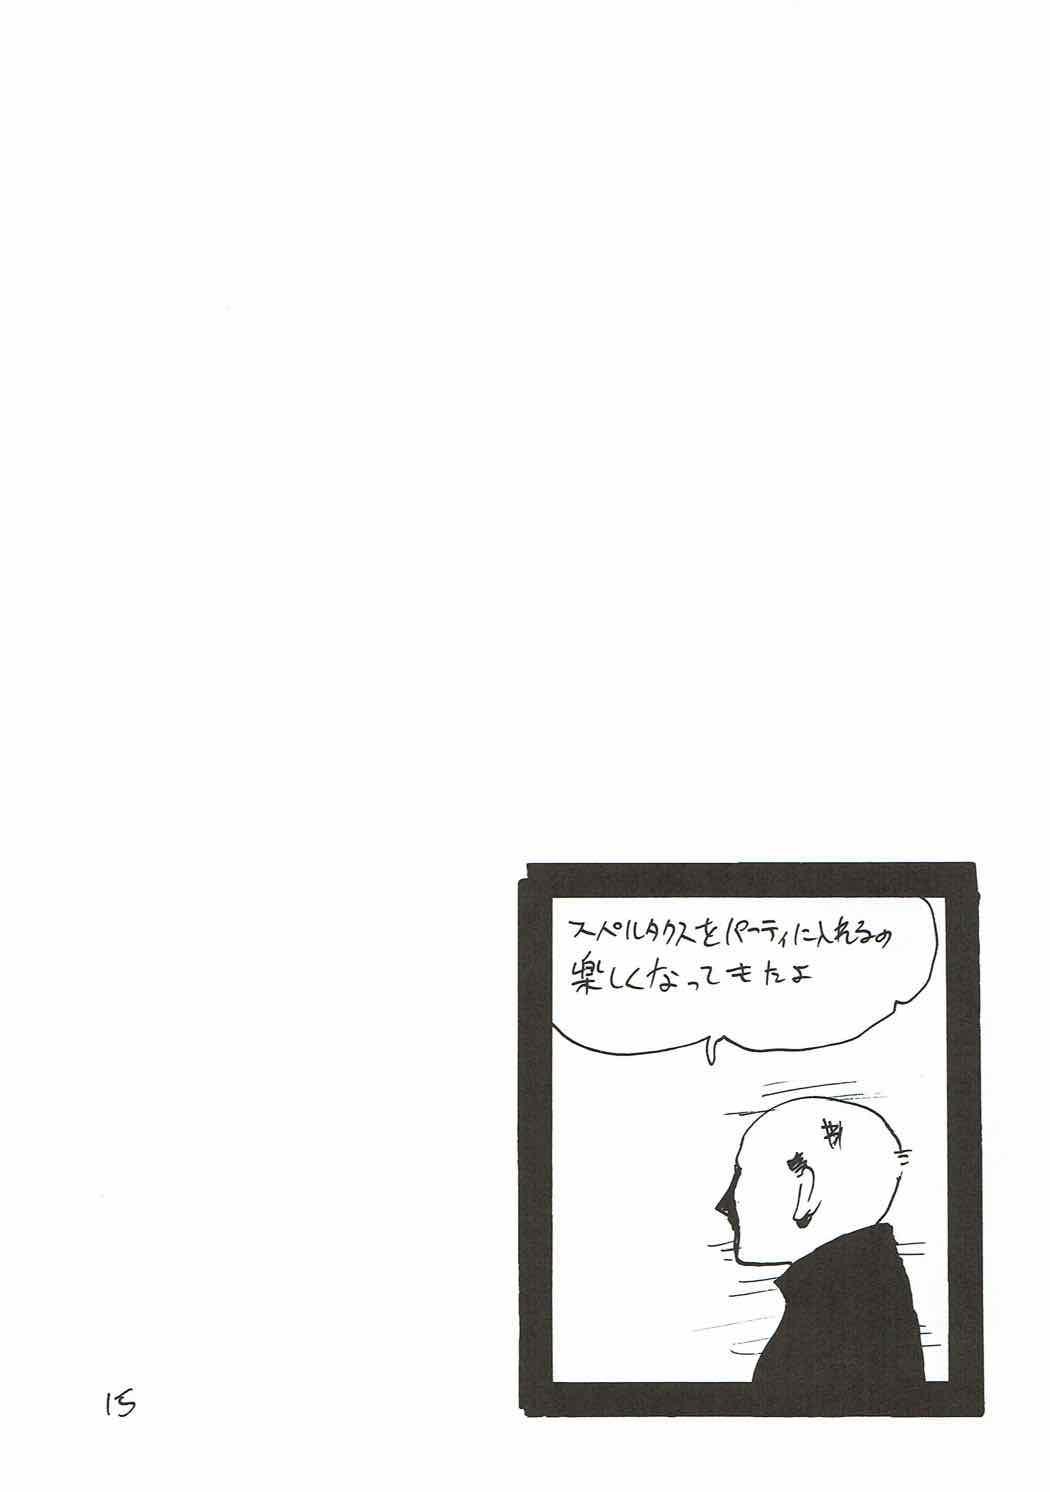 My Room o Souji Shini kita hazu ga Ki ga Tsuitara Ochinchin o Soku Ochinchin o Shabutte ita Natsu 13